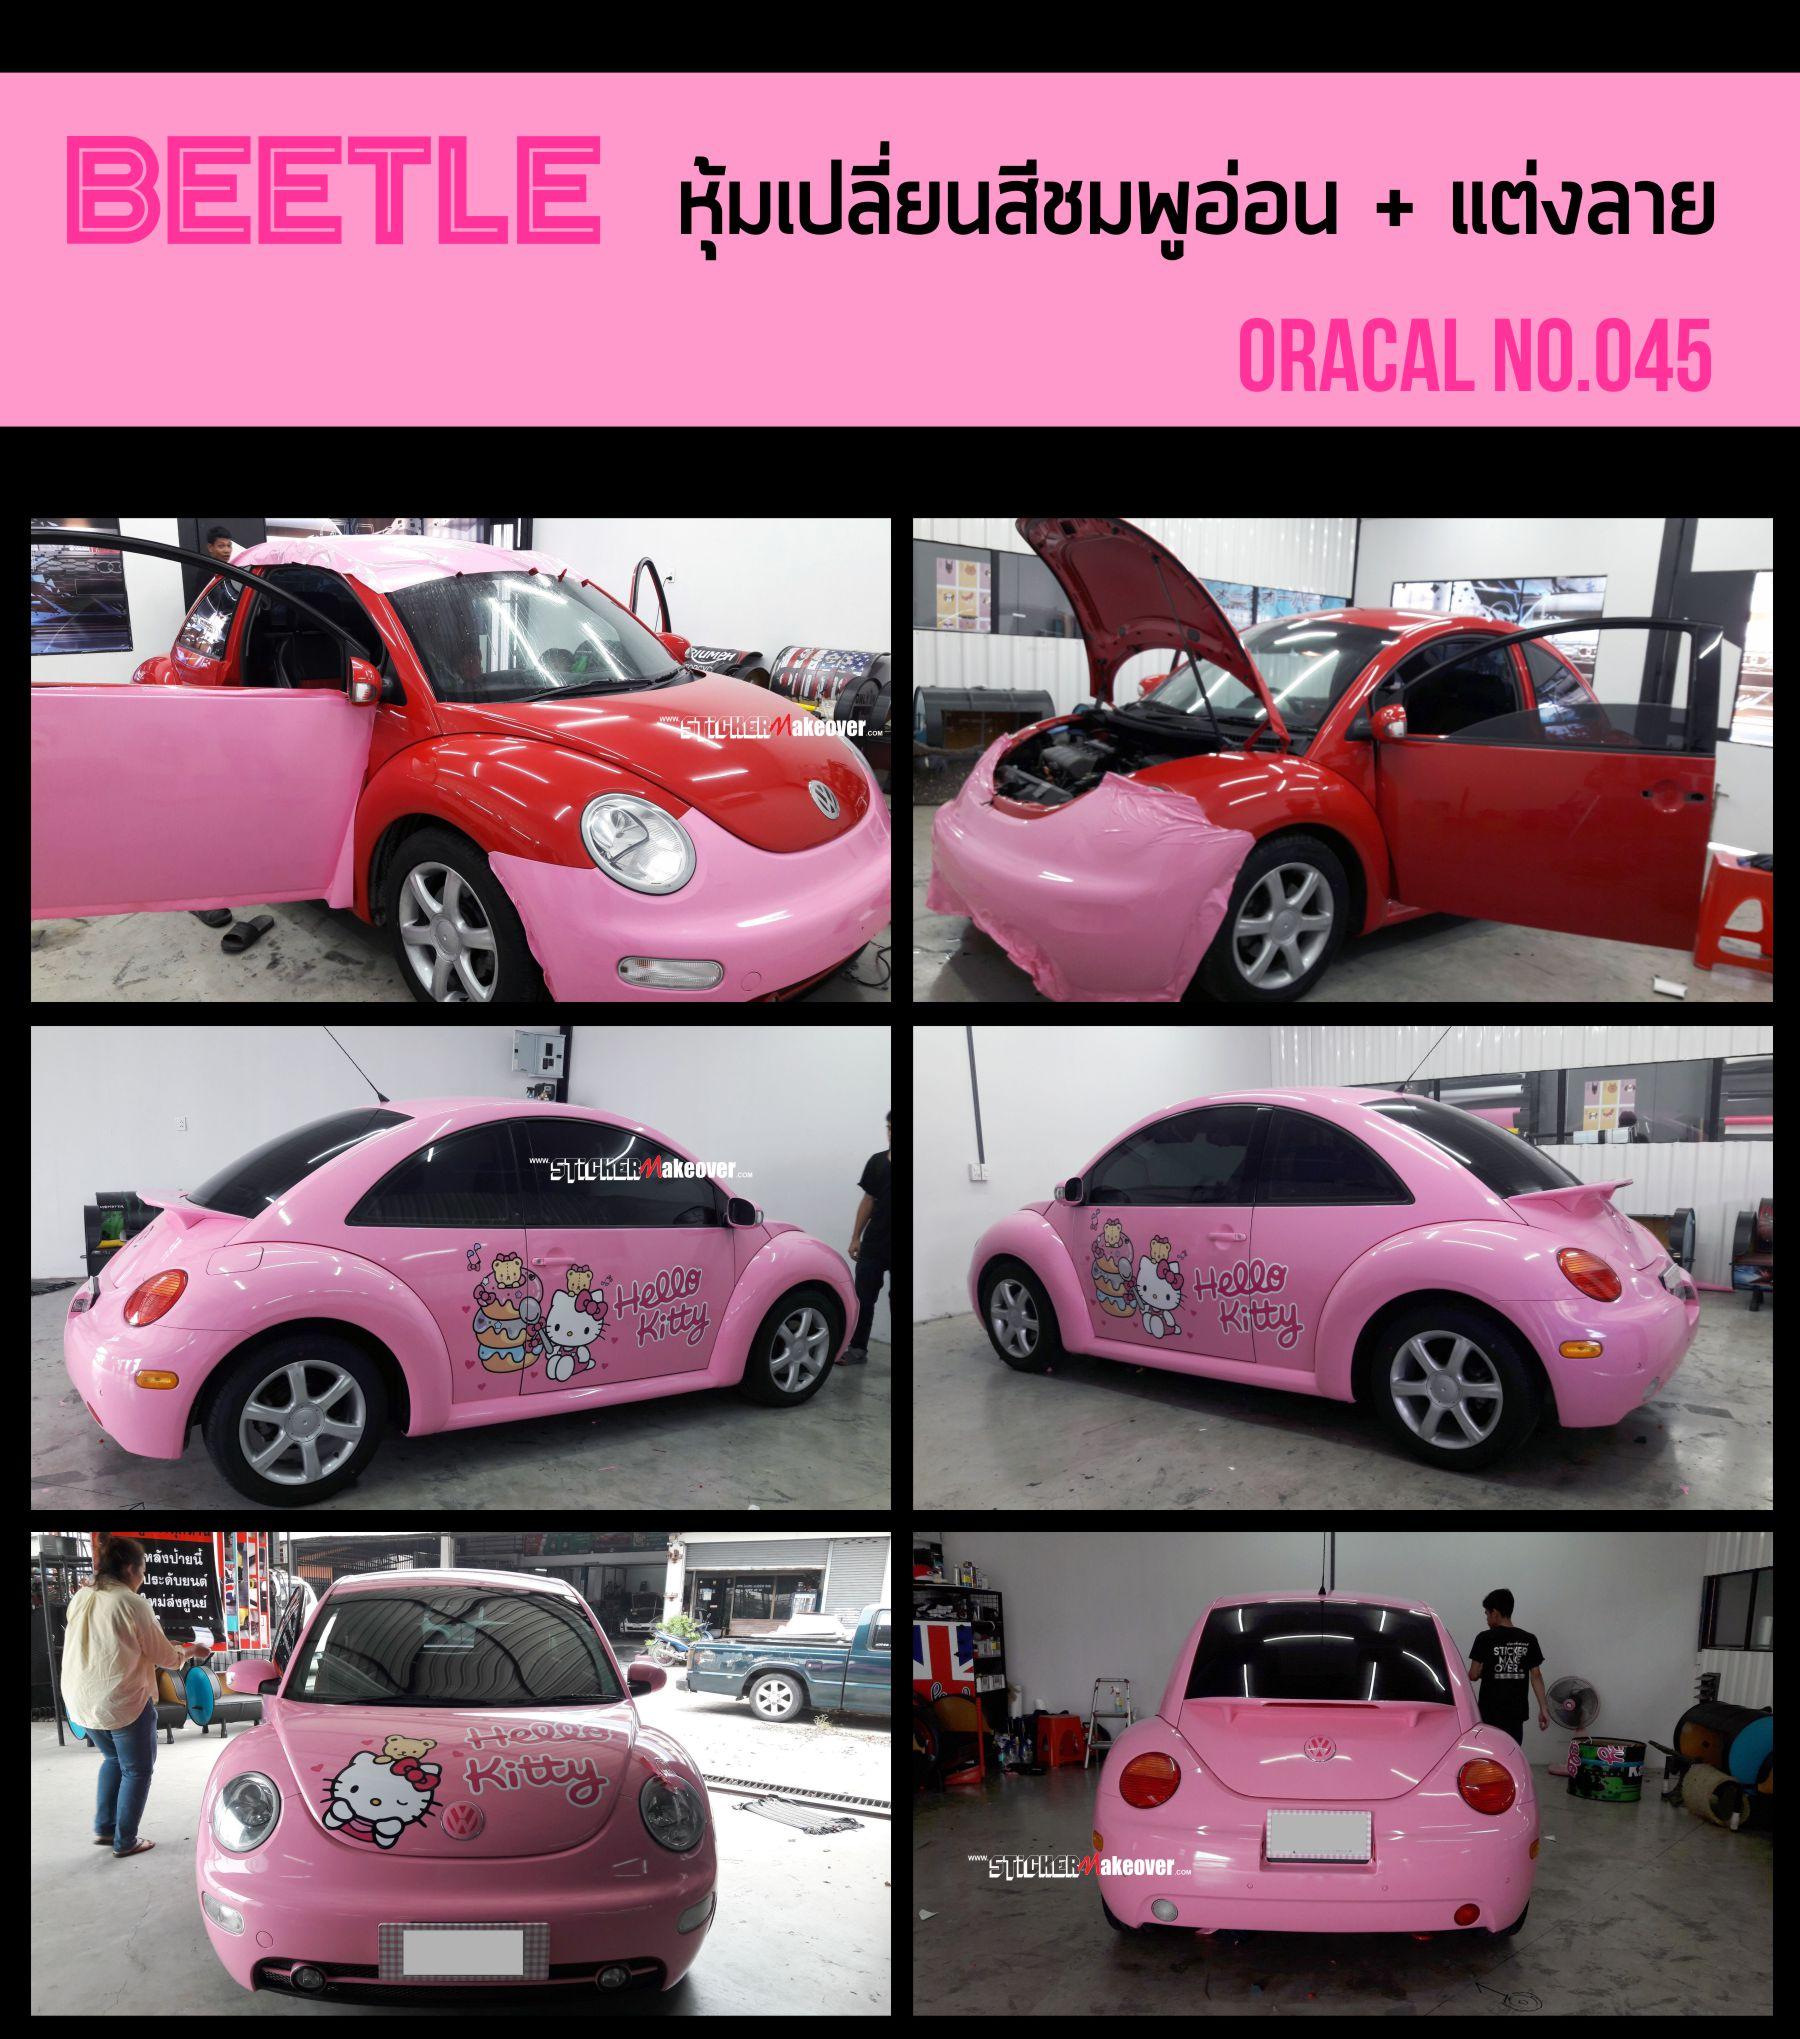 wrap car volk beetle kitty หุ้มสติกเกอร์เปลี่ยนสีรถ ทำสีรถด้วยสติกเกอร์ ฟิล์มหุ้มเปลี่ยนสีรถ wrap honda hrvดำด้าน เปลี่ยนสีรถทั้งคันด้วยสติกเกอร์ wrapเปลี่ยนสีรถ แรพสีรถดำด้าน beetleสีชมพู